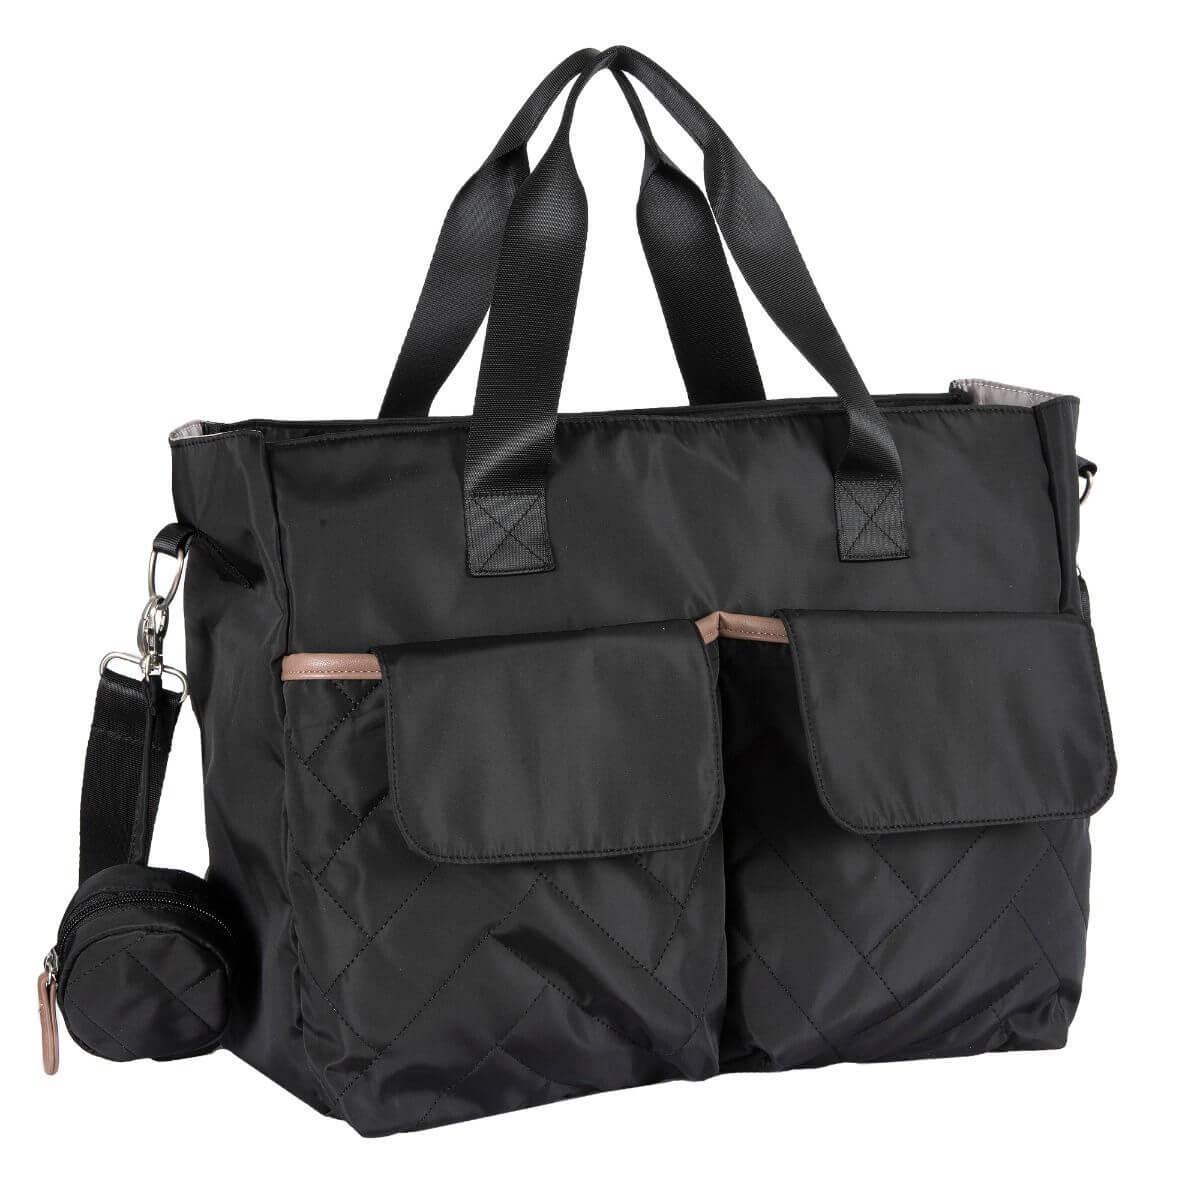 Chicco: Дорожная сумка для мамы черная 2020 Осень-Зима